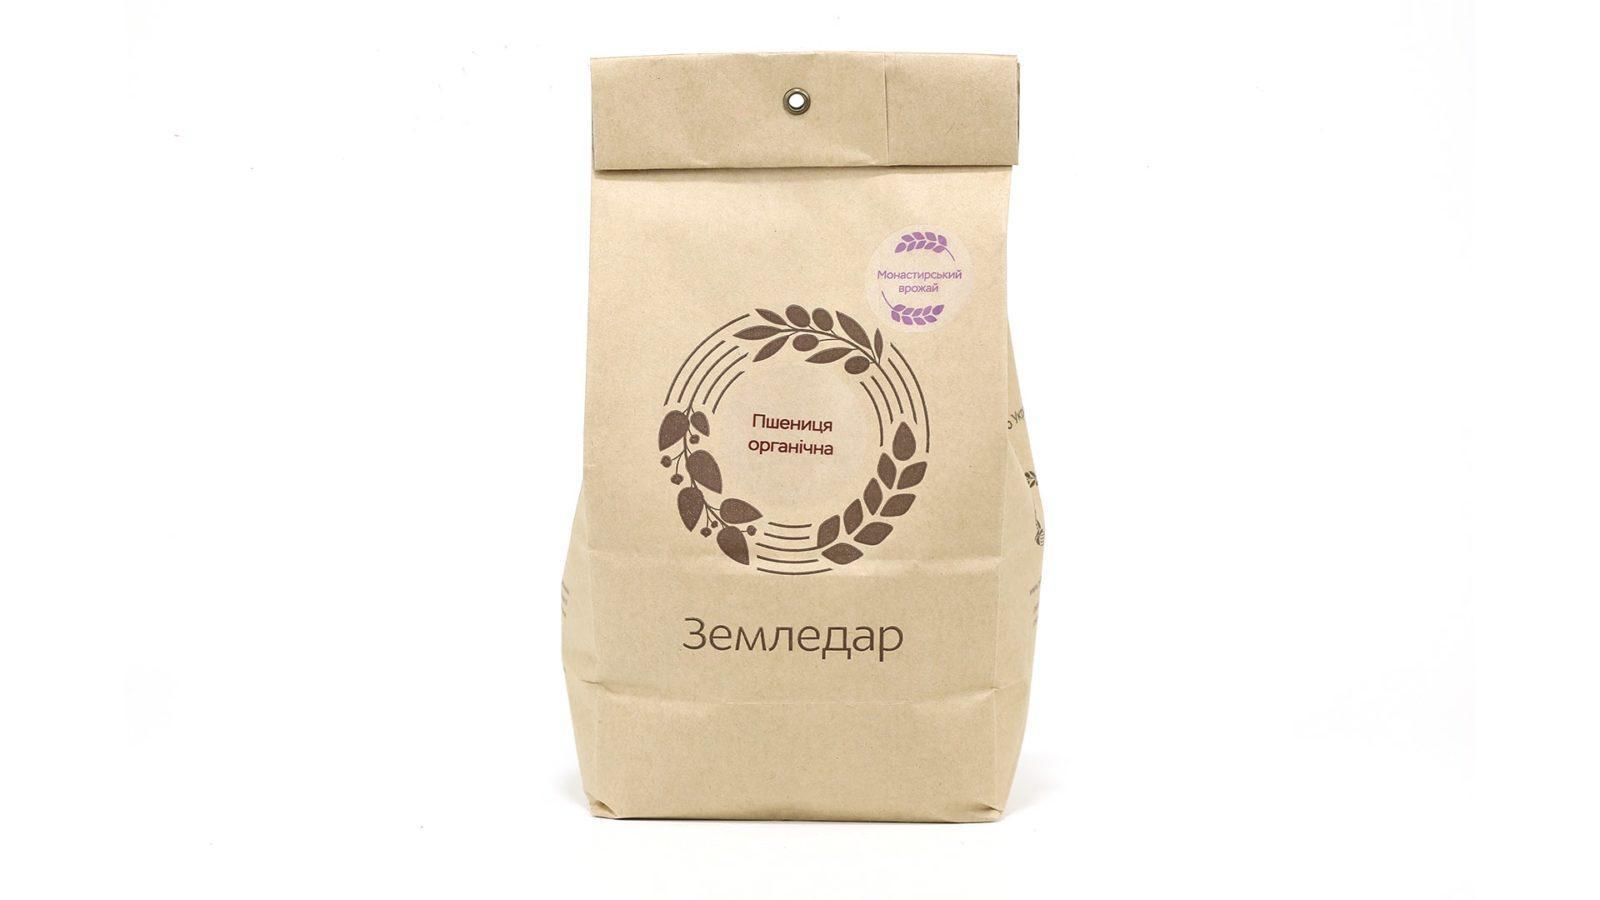 Фото Пшеница органическая в пакете